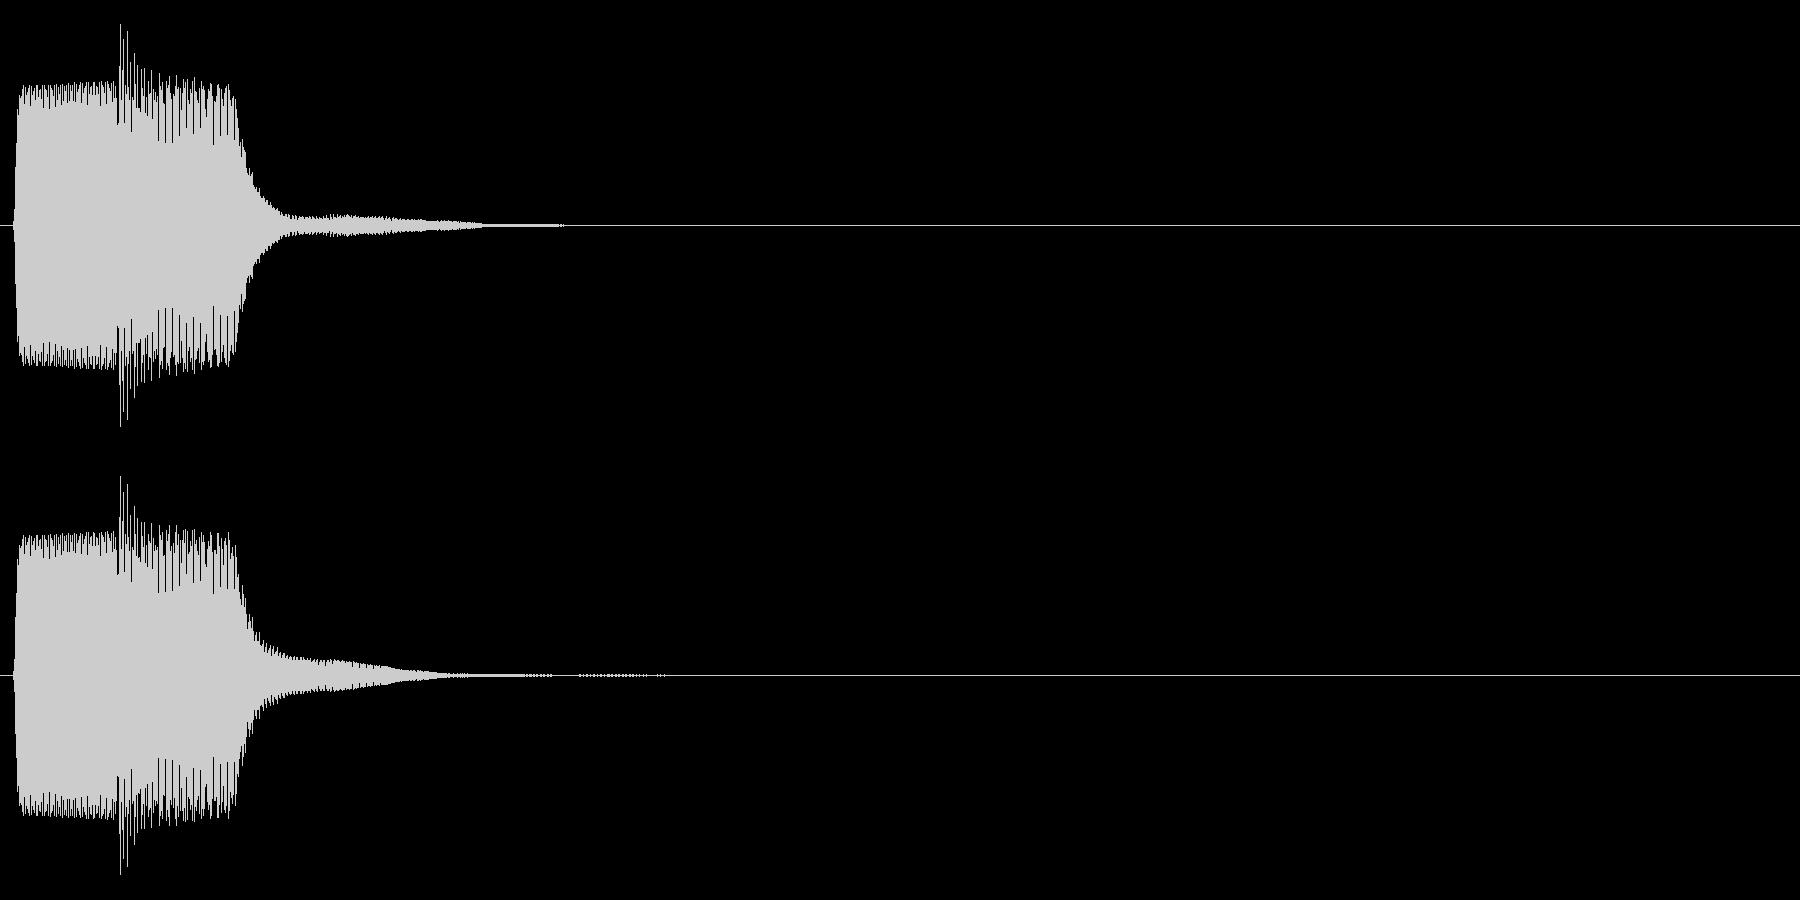 ピコン_鋸波(終了,停止,通知)_03の未再生の波形